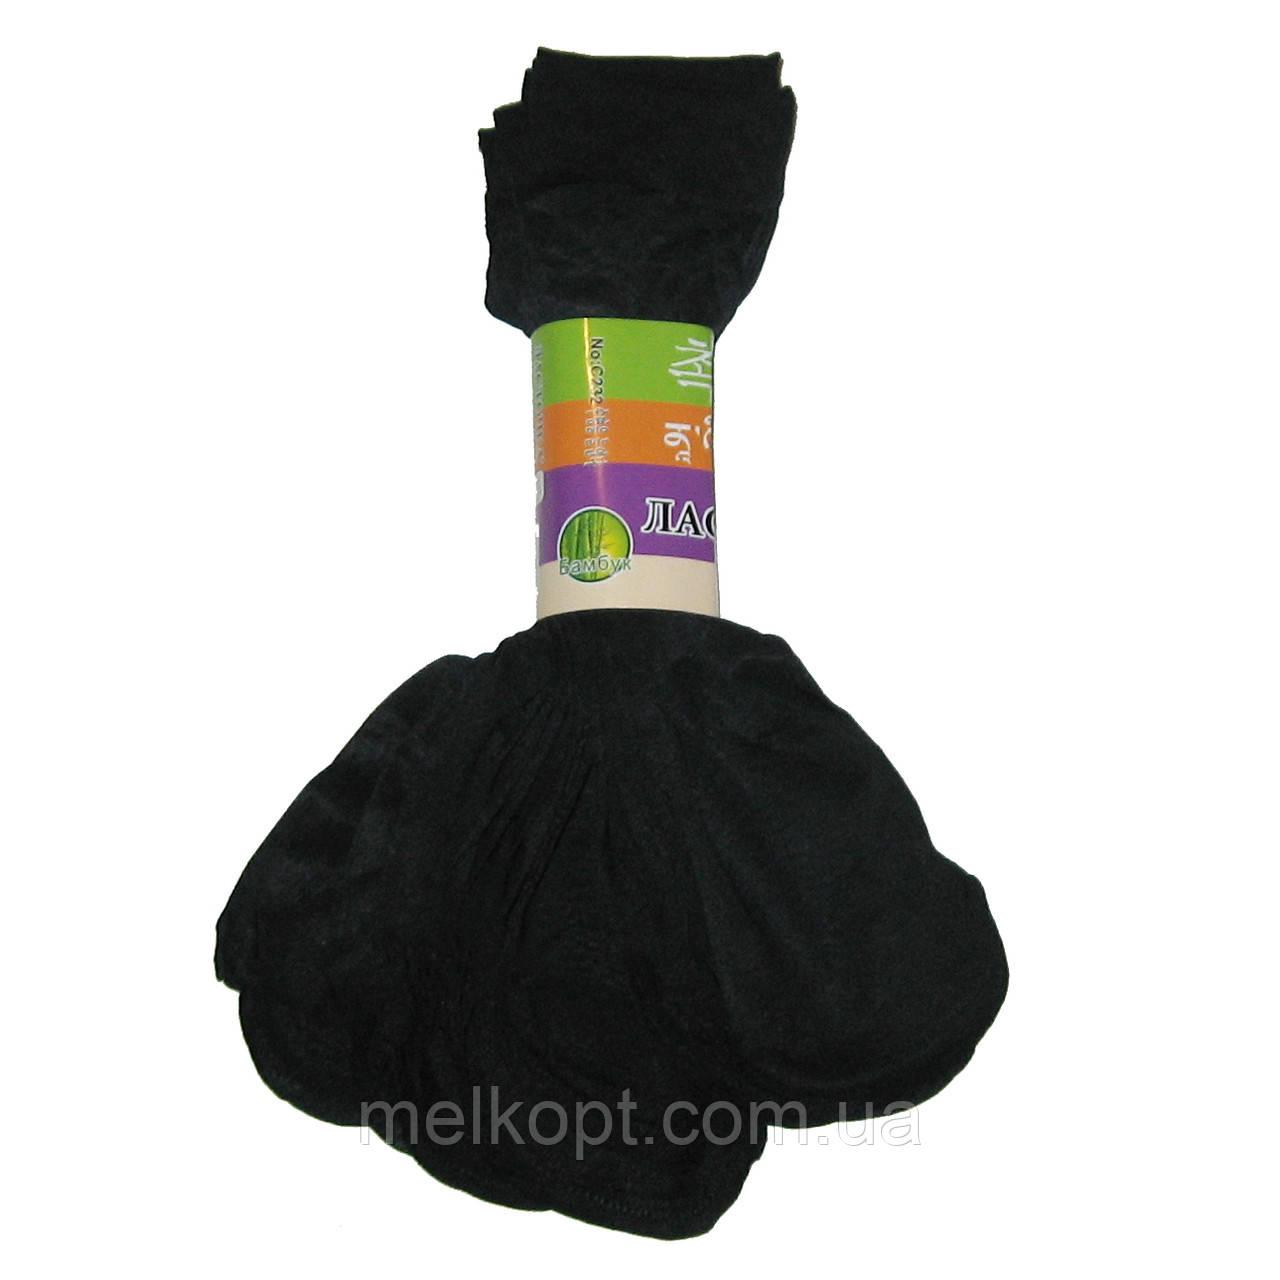 Женские капроновые носки Ласточка - 3,50 грн./пара (черные)